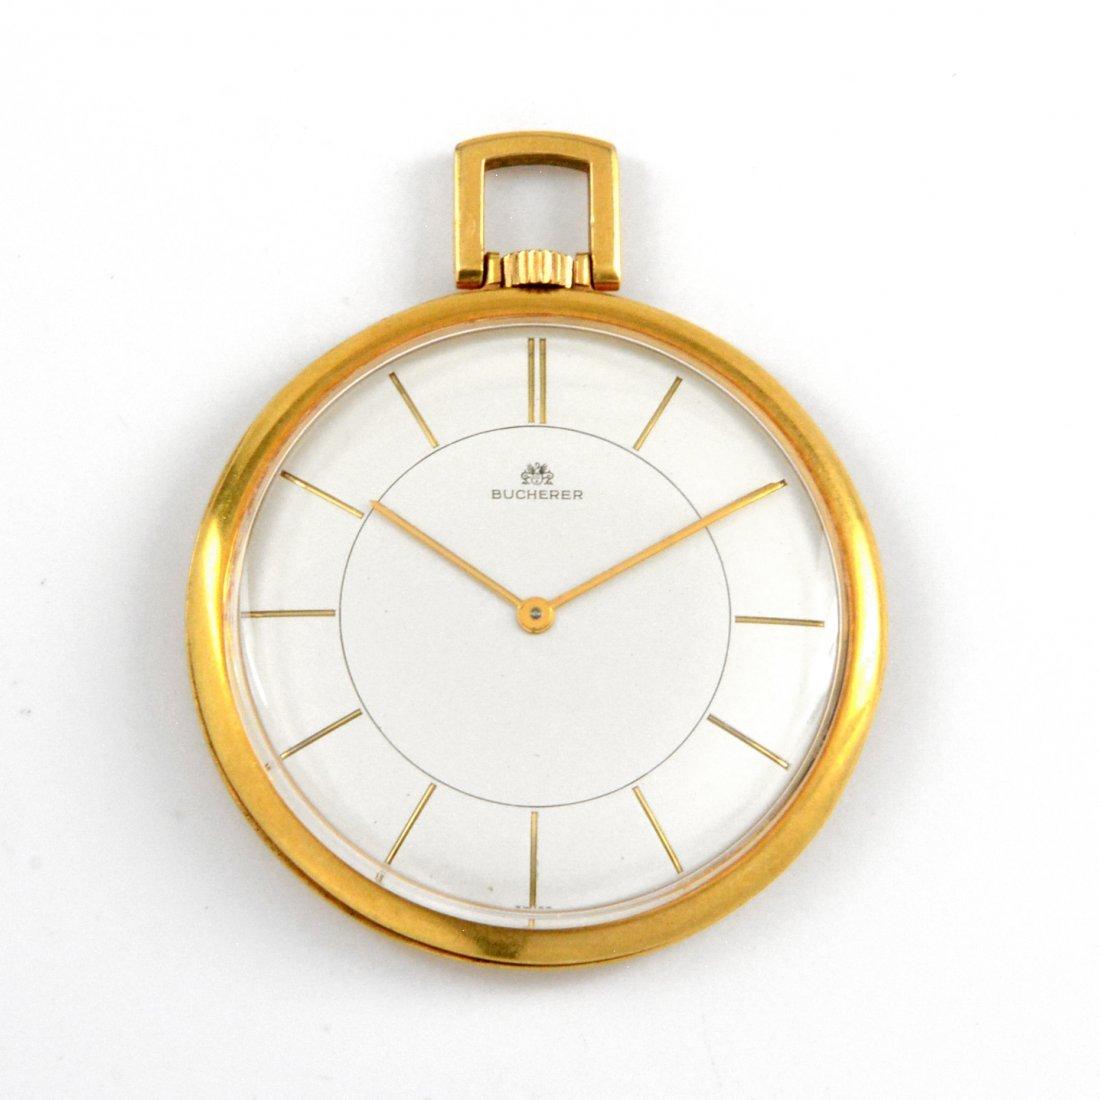 Bucherer Pocket Watch